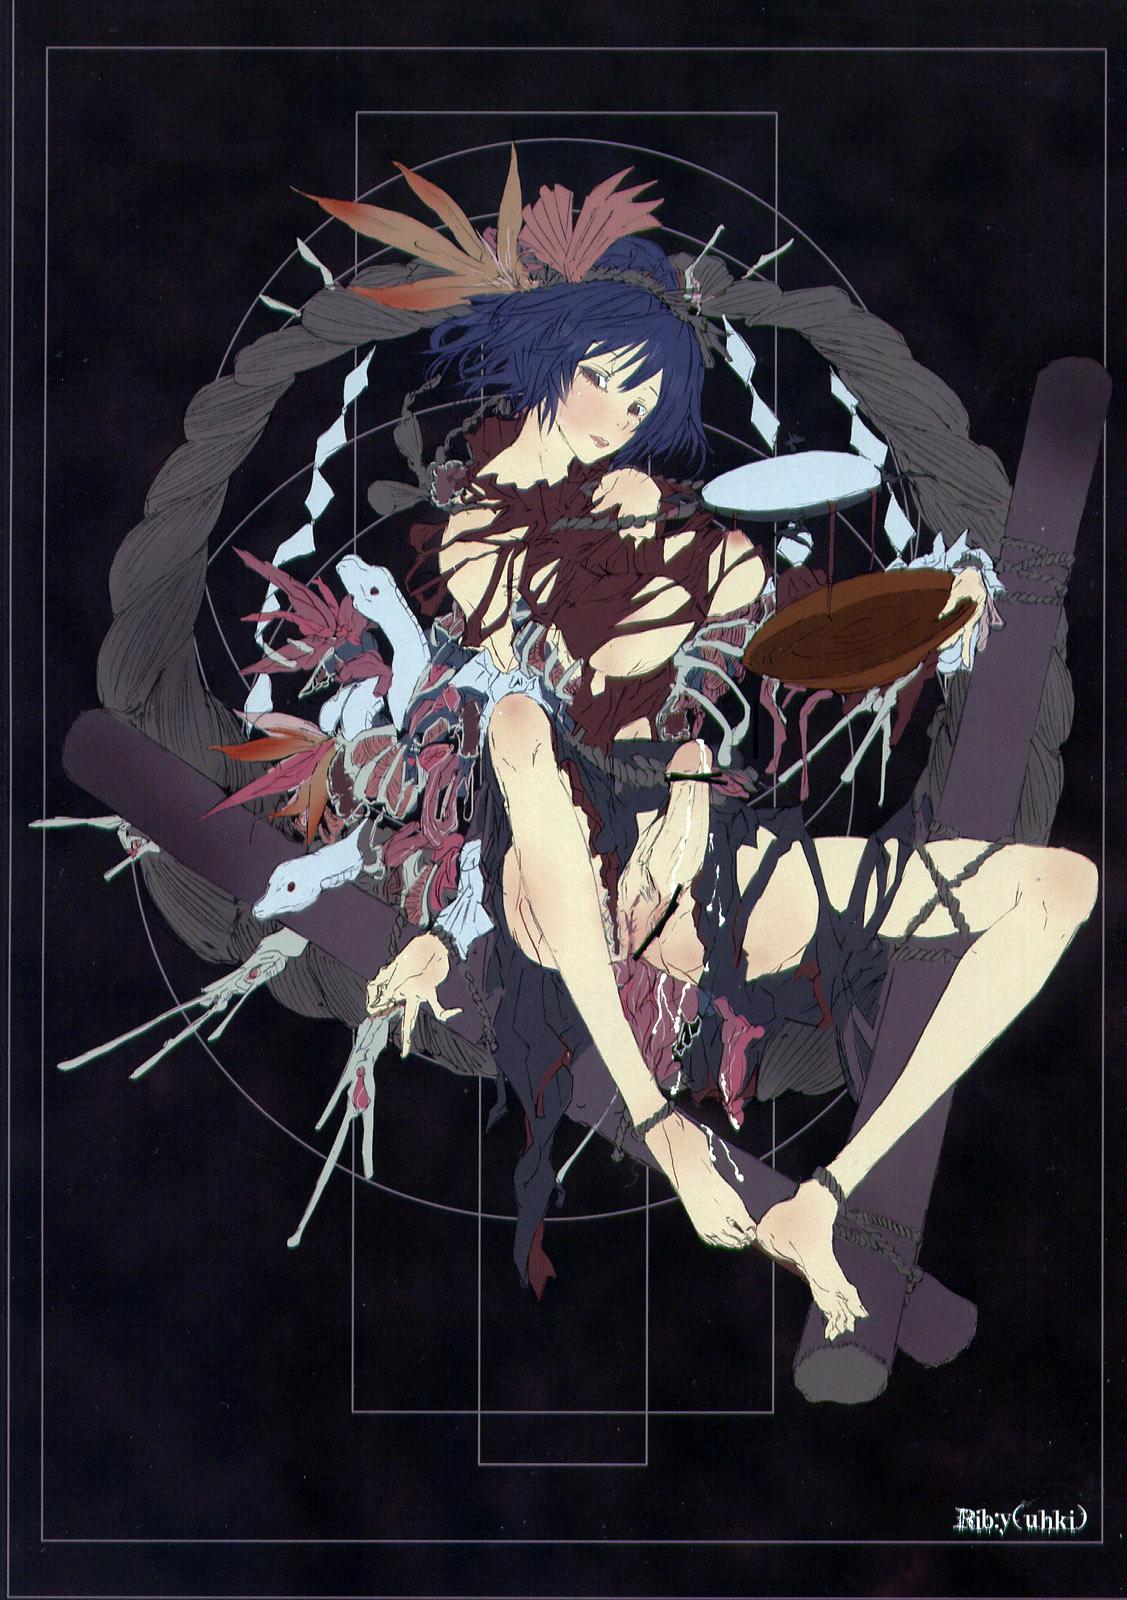 (C76) [Yuzumomo Jam (Various)] Shoujo Sousei Emaki - Touhou Odori Enbu You no Shou - Fancy Girl's Equipment Ch. 1-17 (Touhou Project) [English] [UMAD] 15